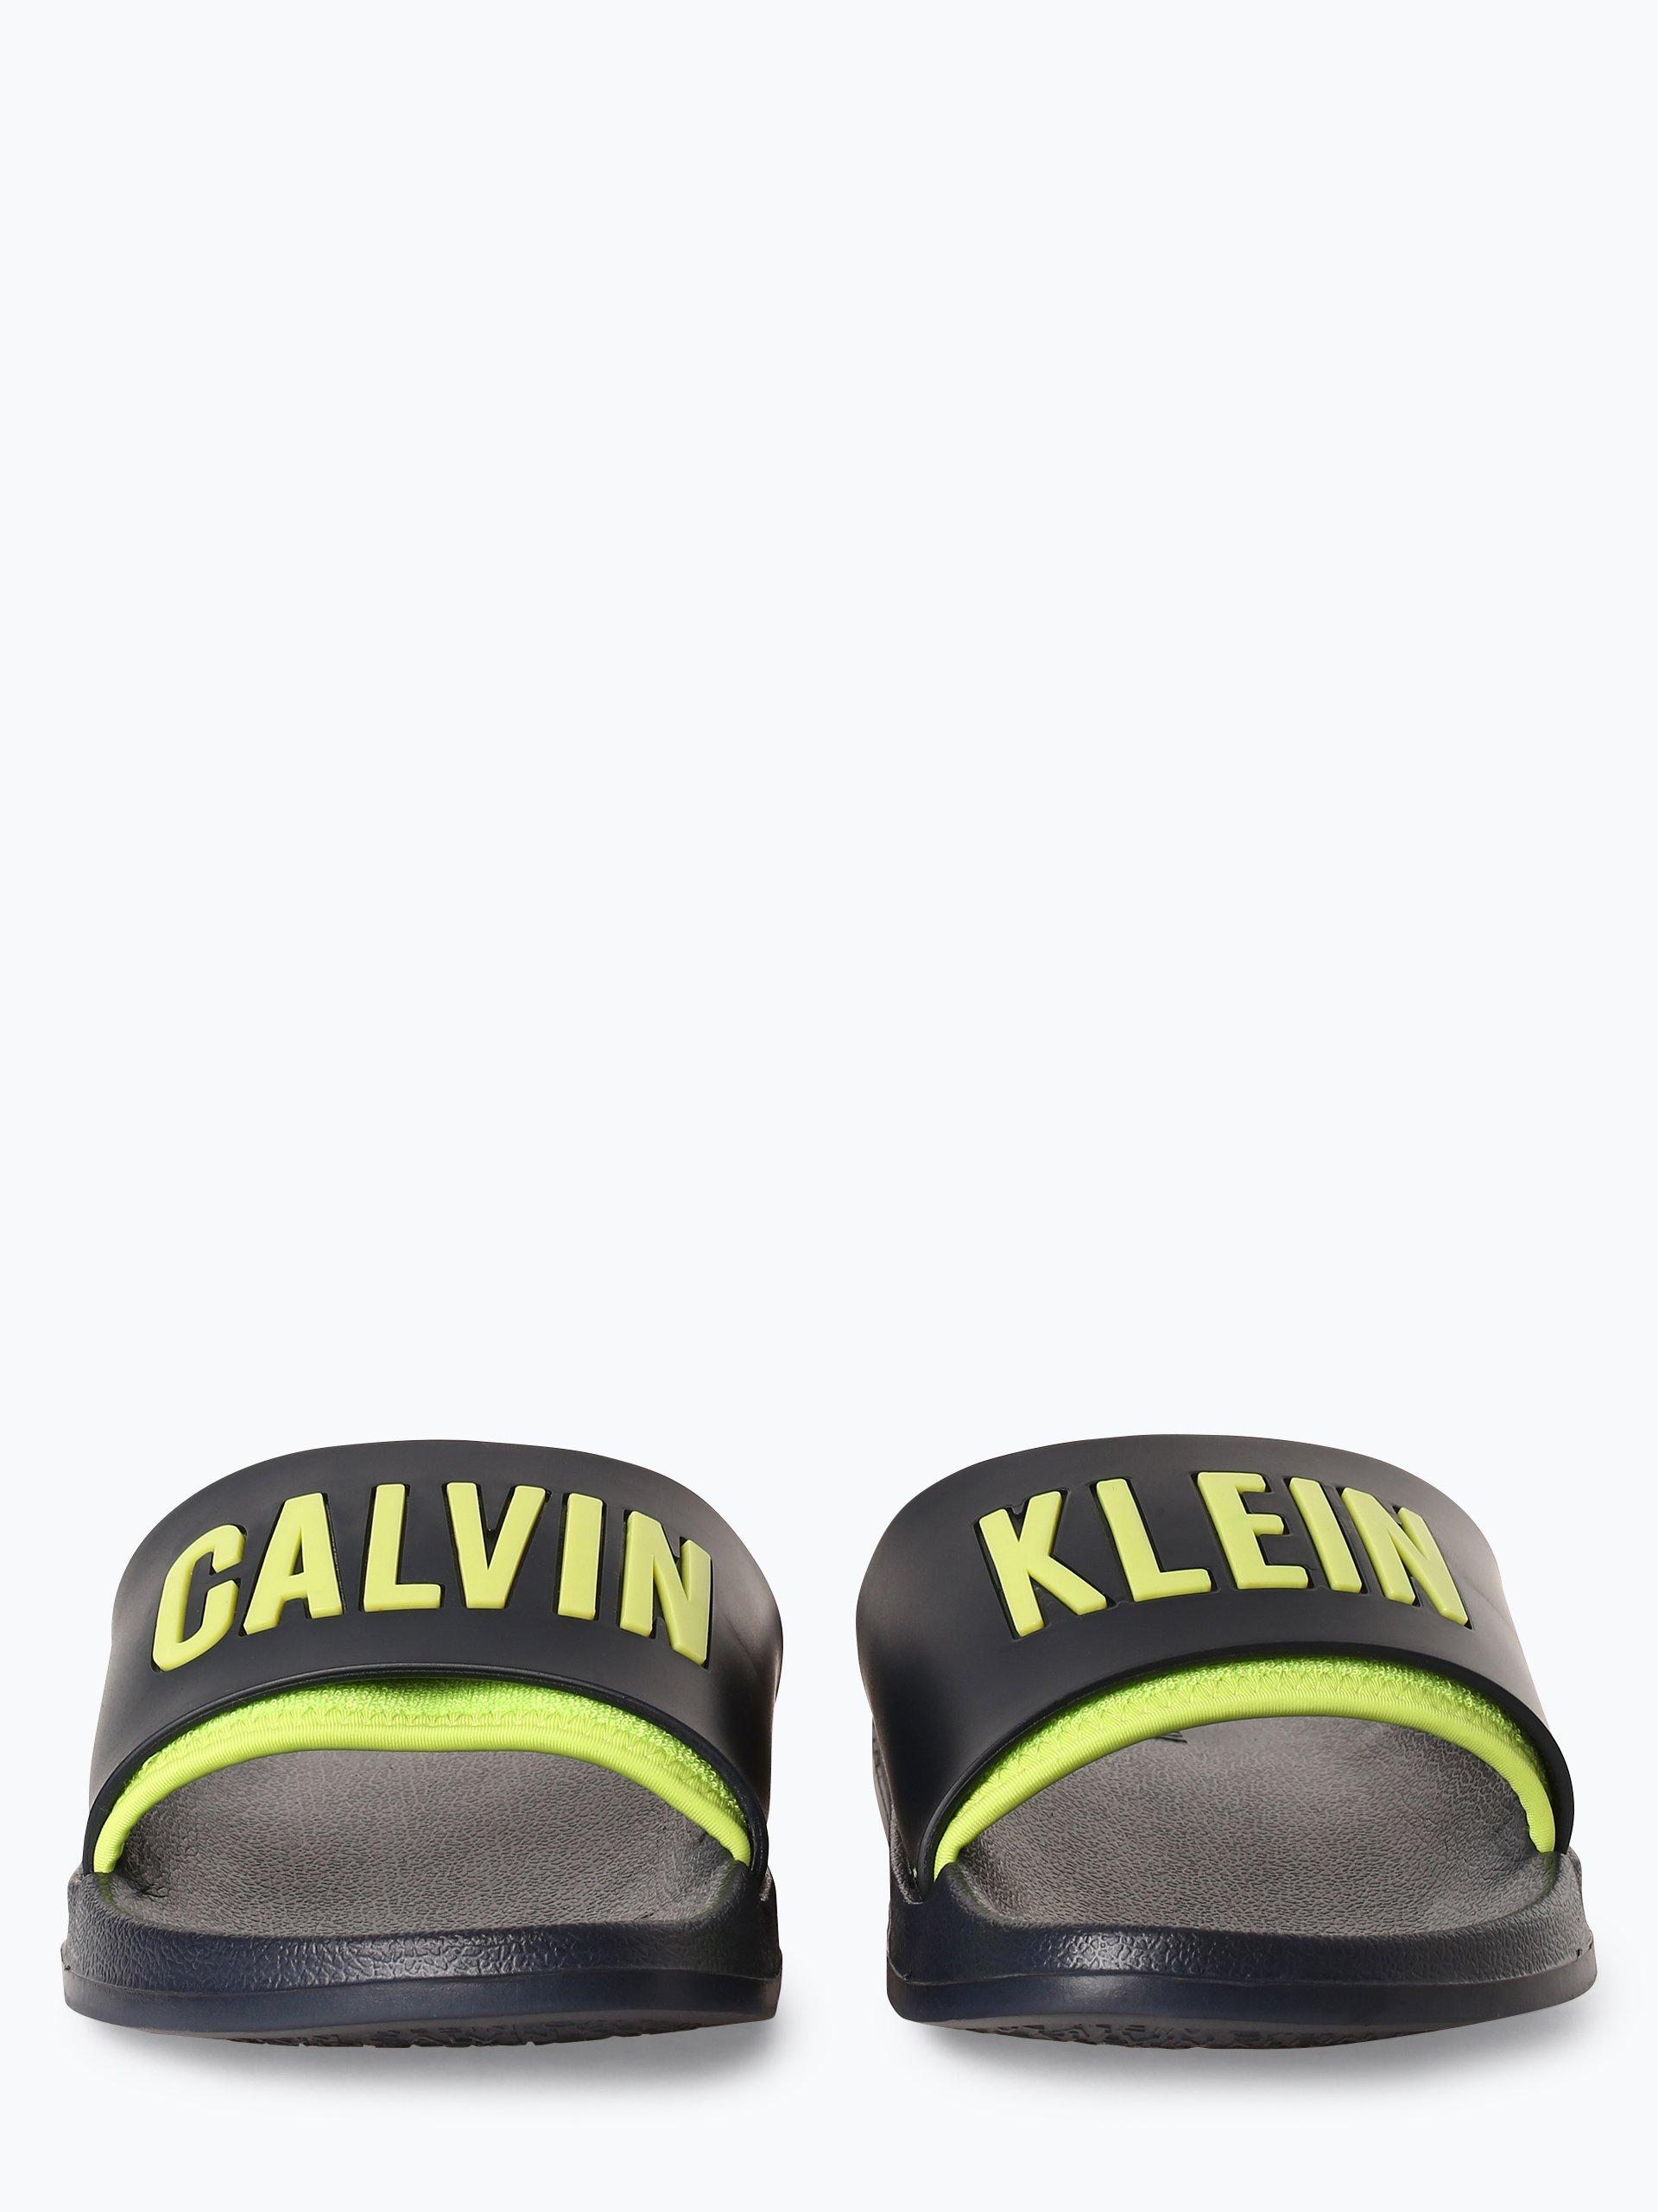 Calvin Klein Herren Badeschuhe